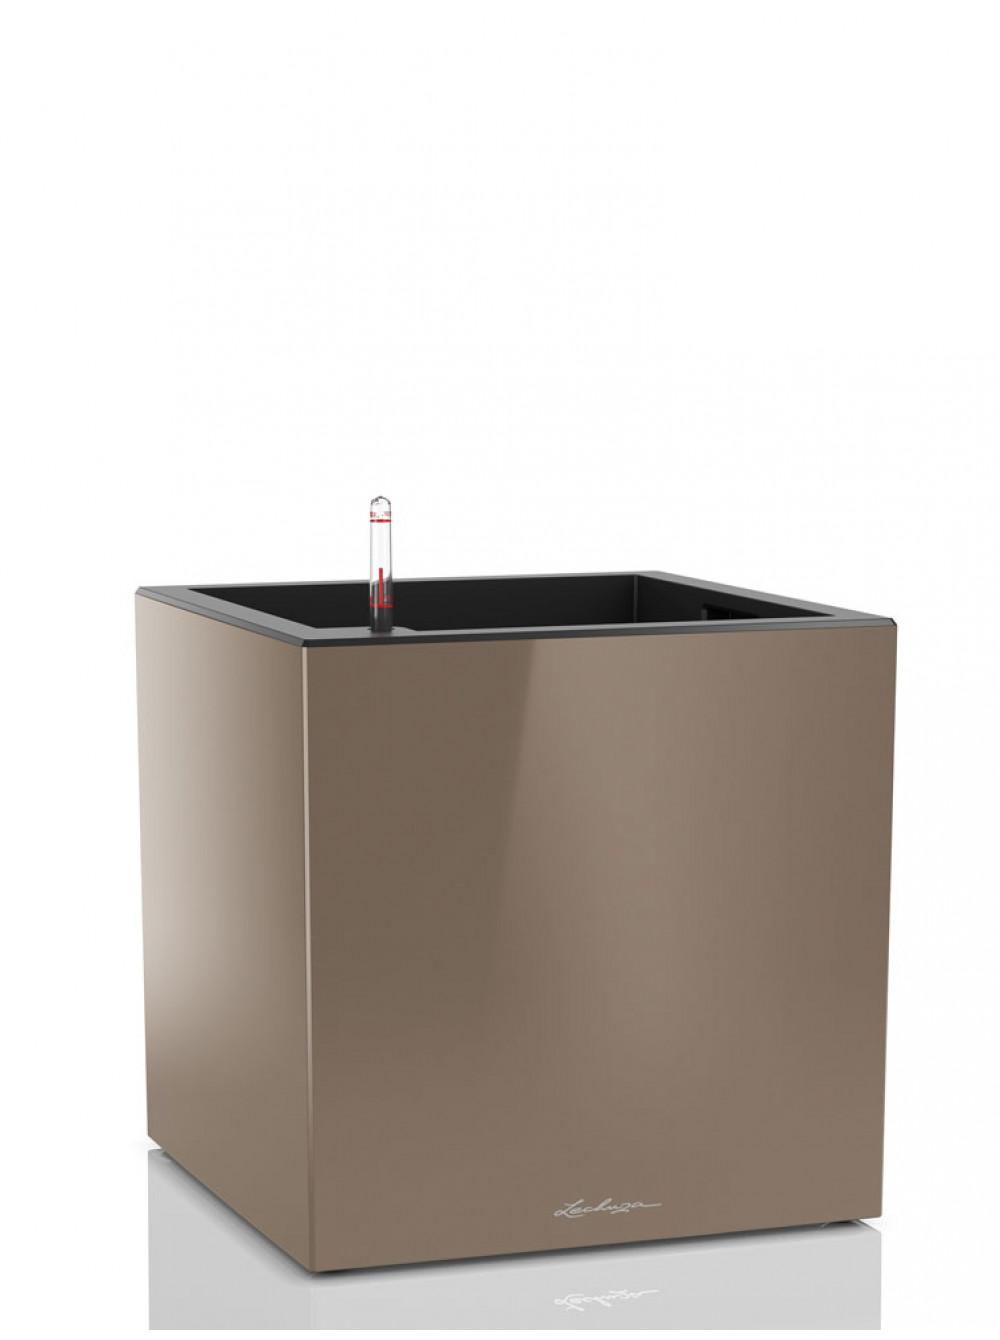 Кашпо канто 40 кубической формы серо-коричневого цвета